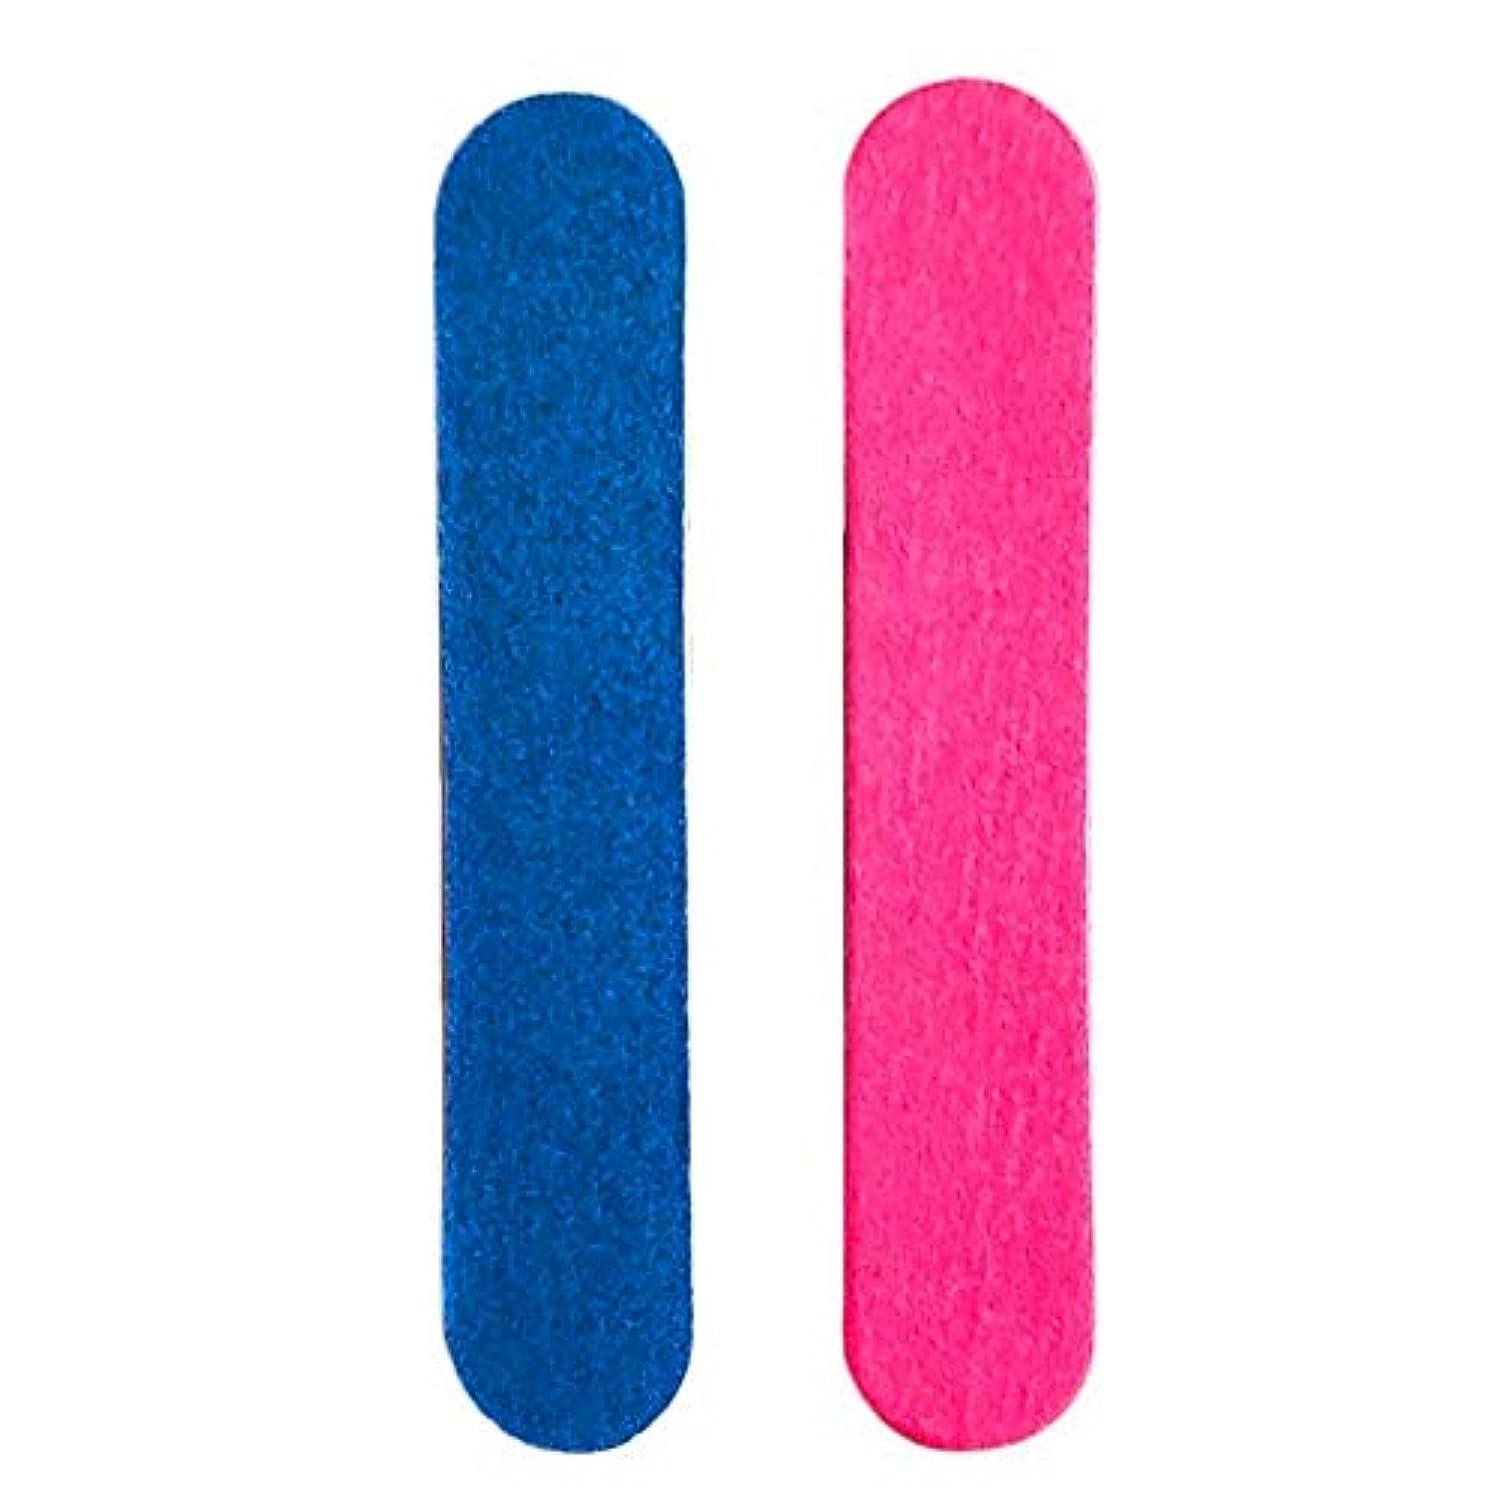 ましい軽減エキスBETTER YOU (ベター ュー) 両面 ネイル 砂紙 爪やすり 木製 ネイルツール 使いやすい 10個入れ